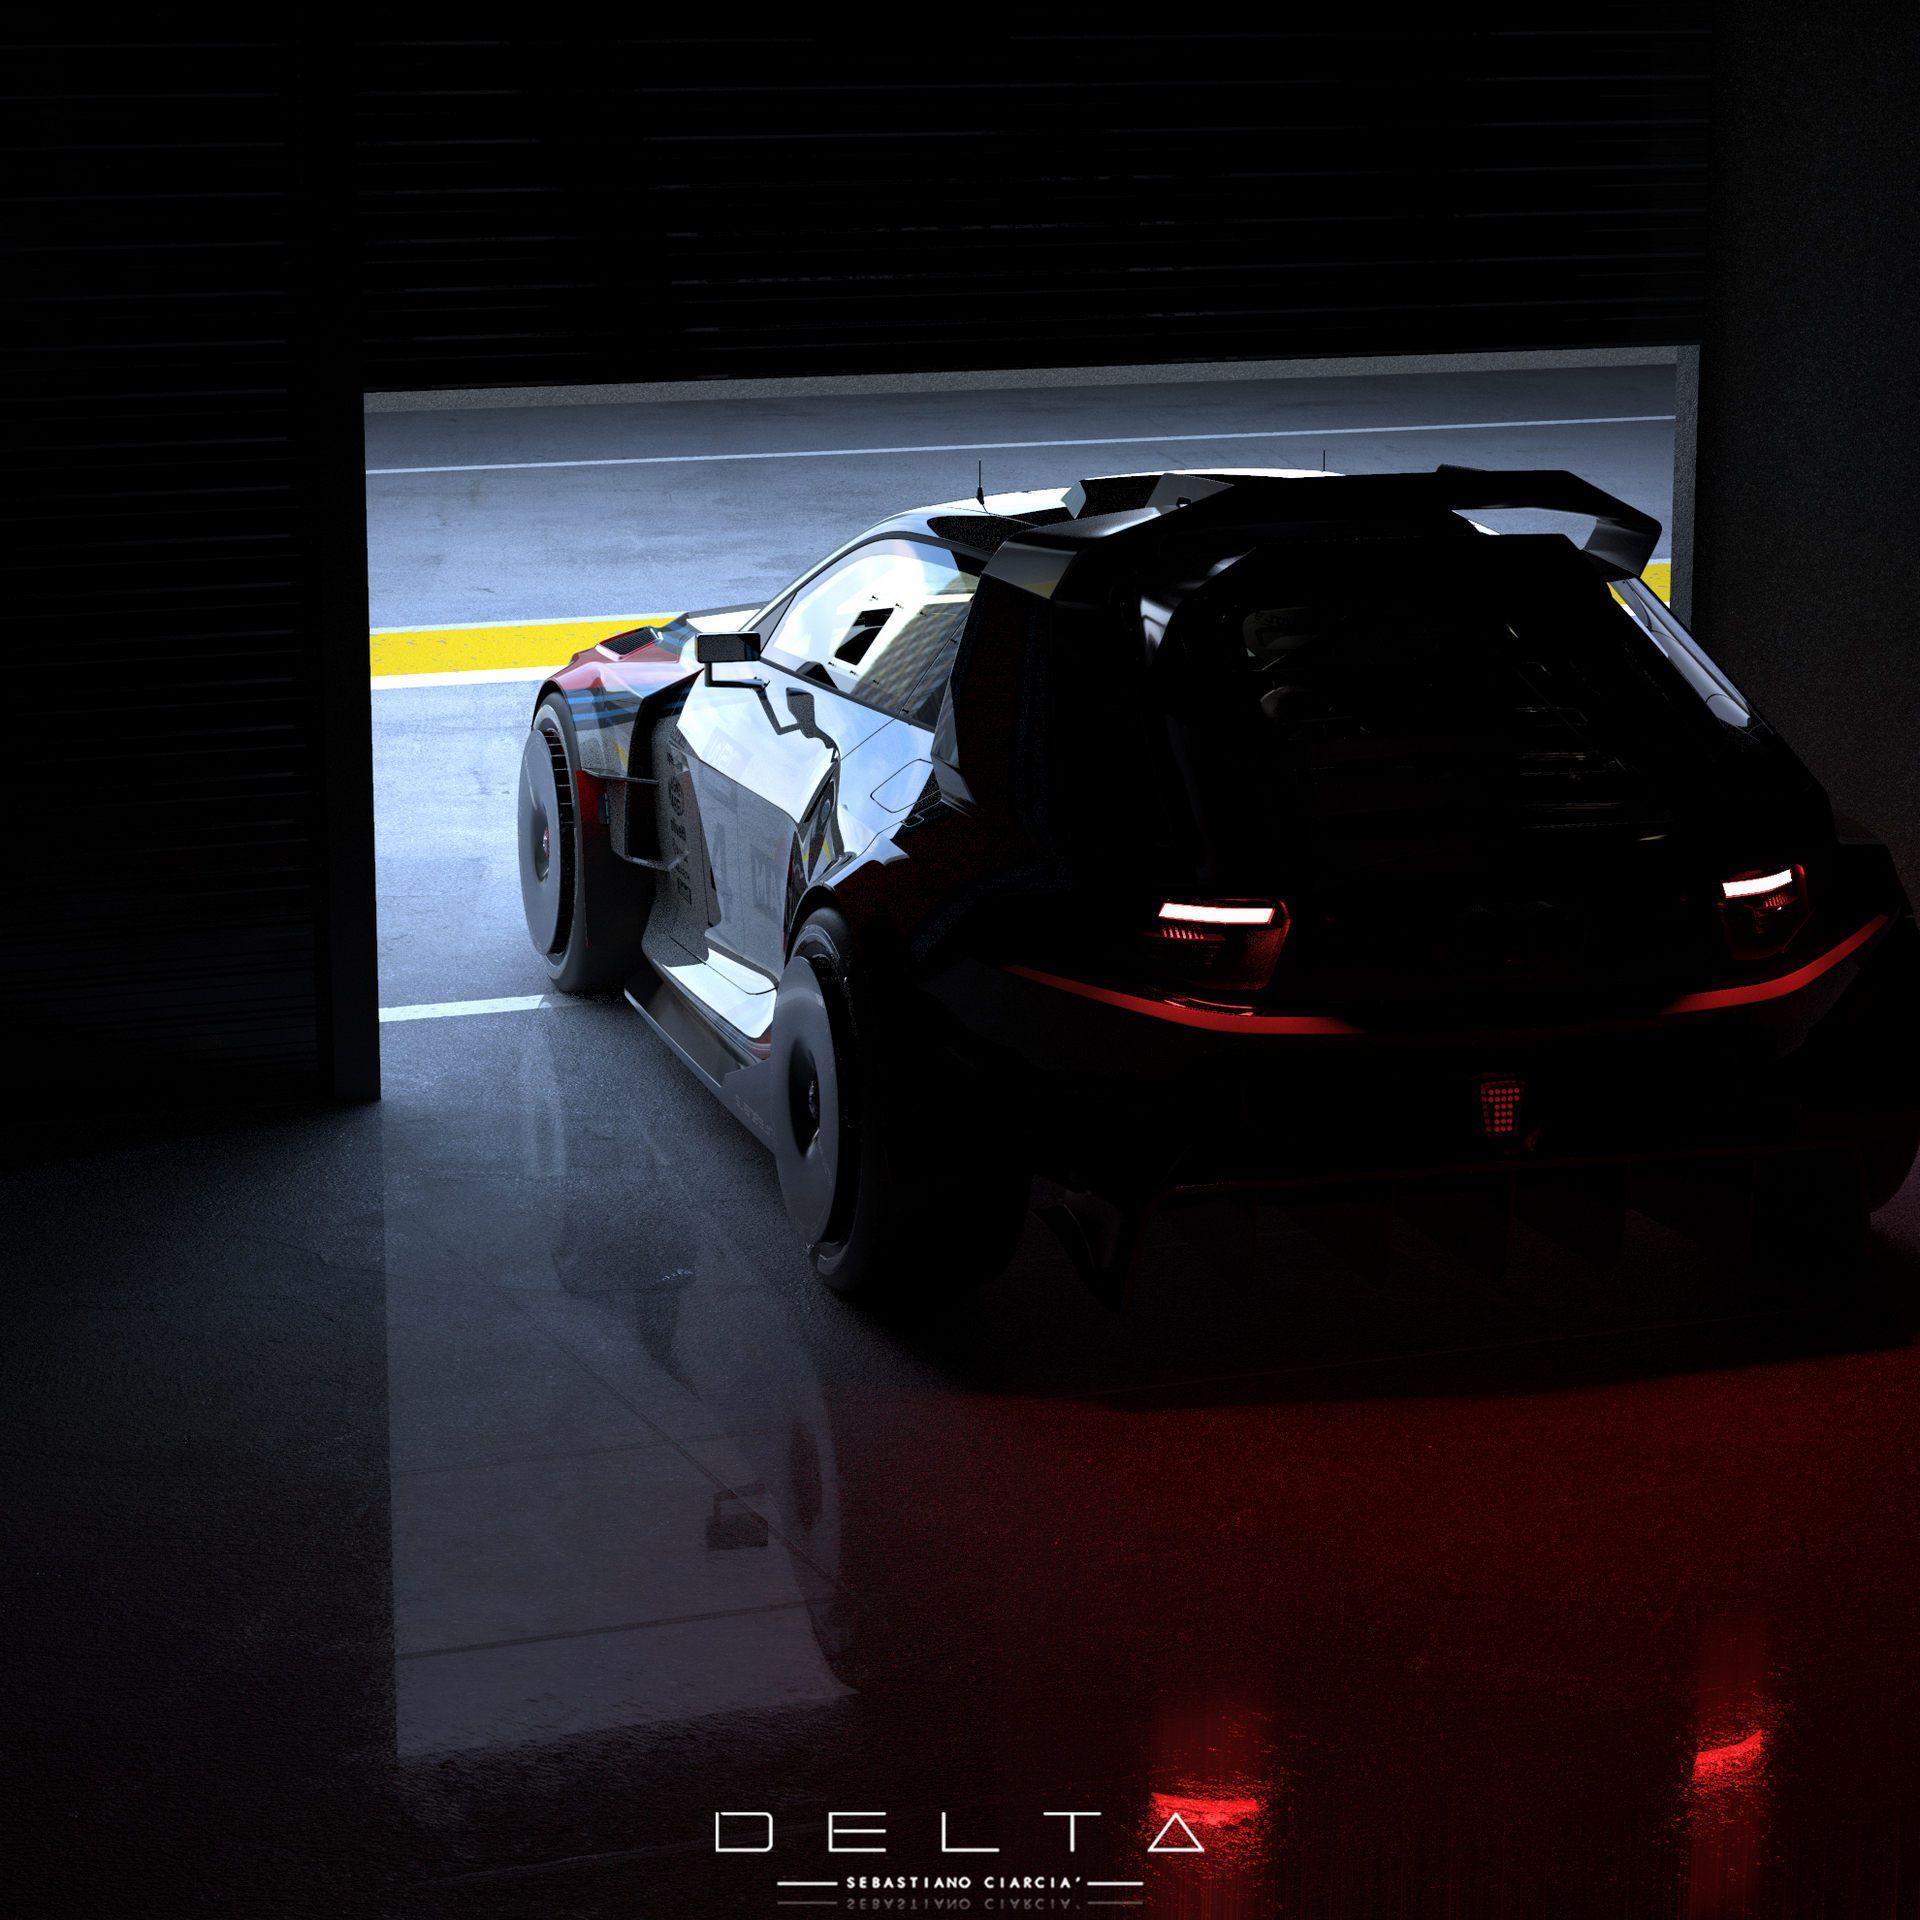 Lancia-Delta-11